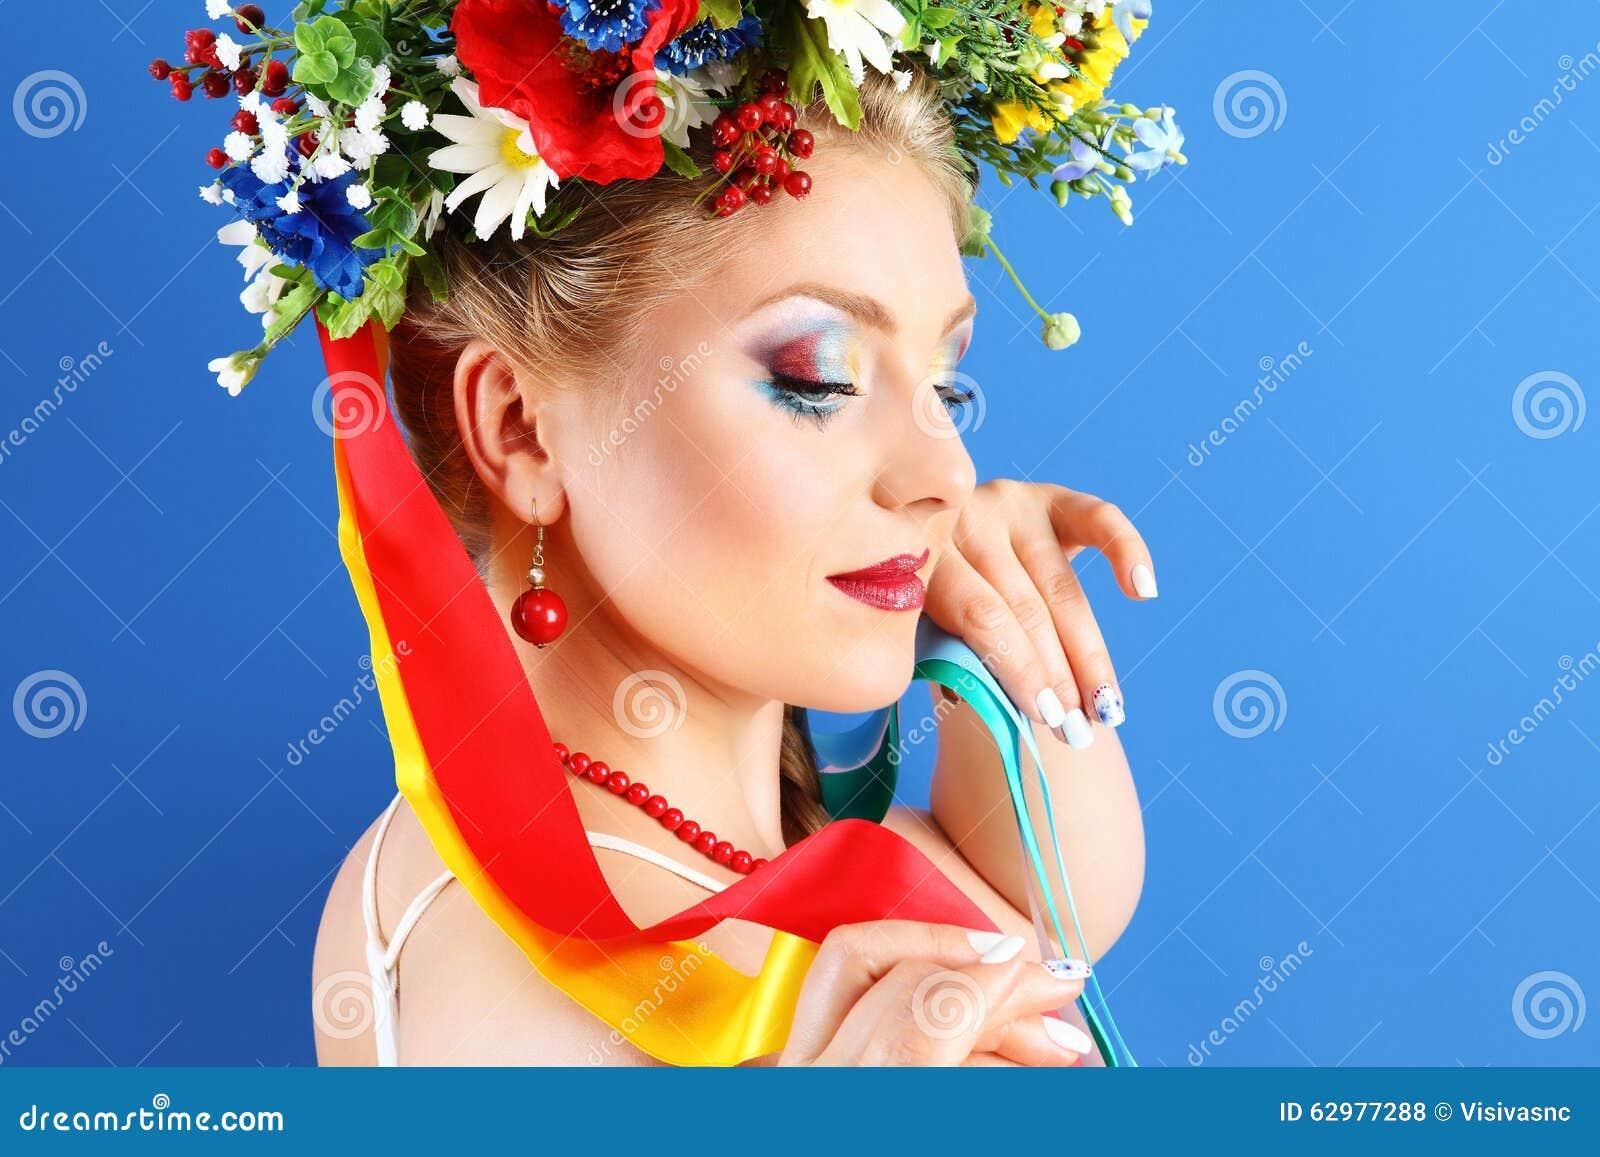 Porträtfrauenmake-up mit Blumen auf blauem Hintergrund